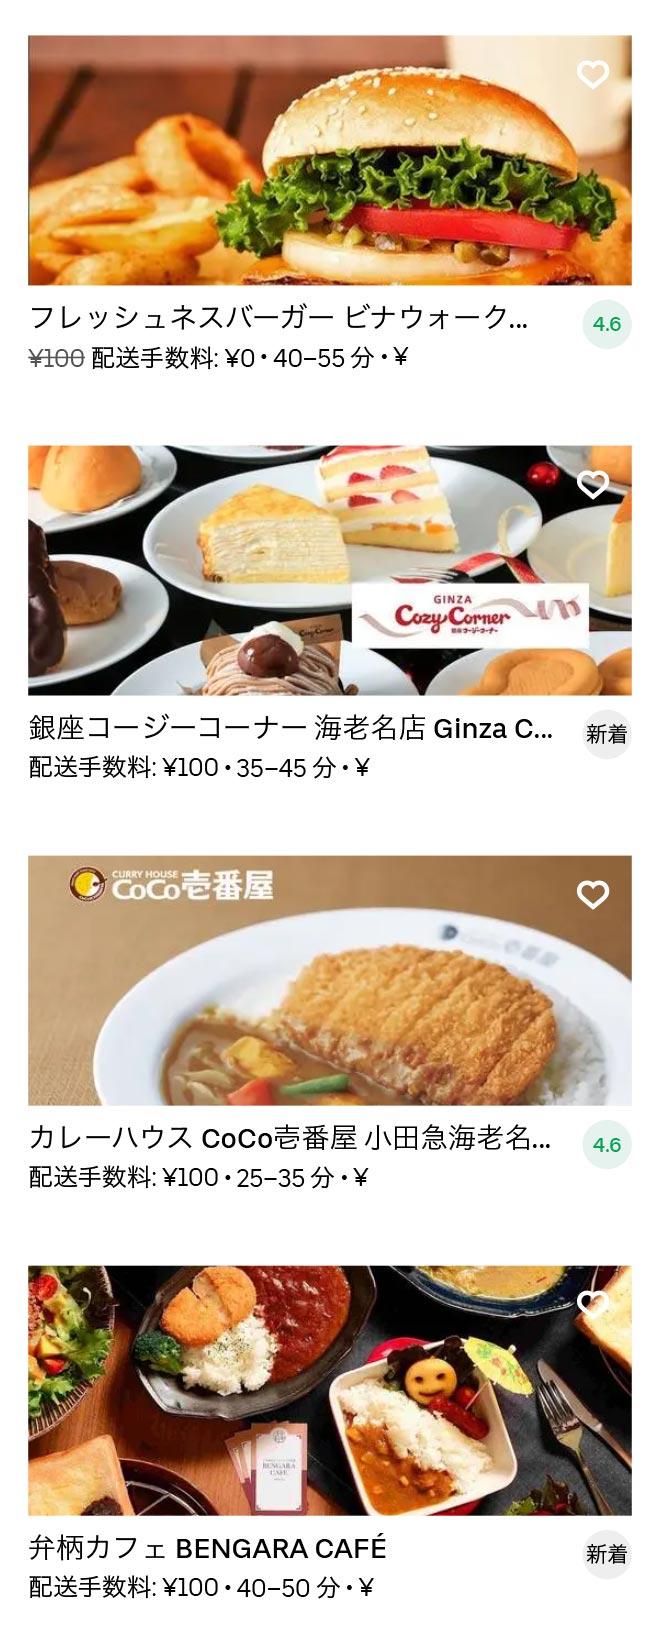 Ebina menu 2010 08